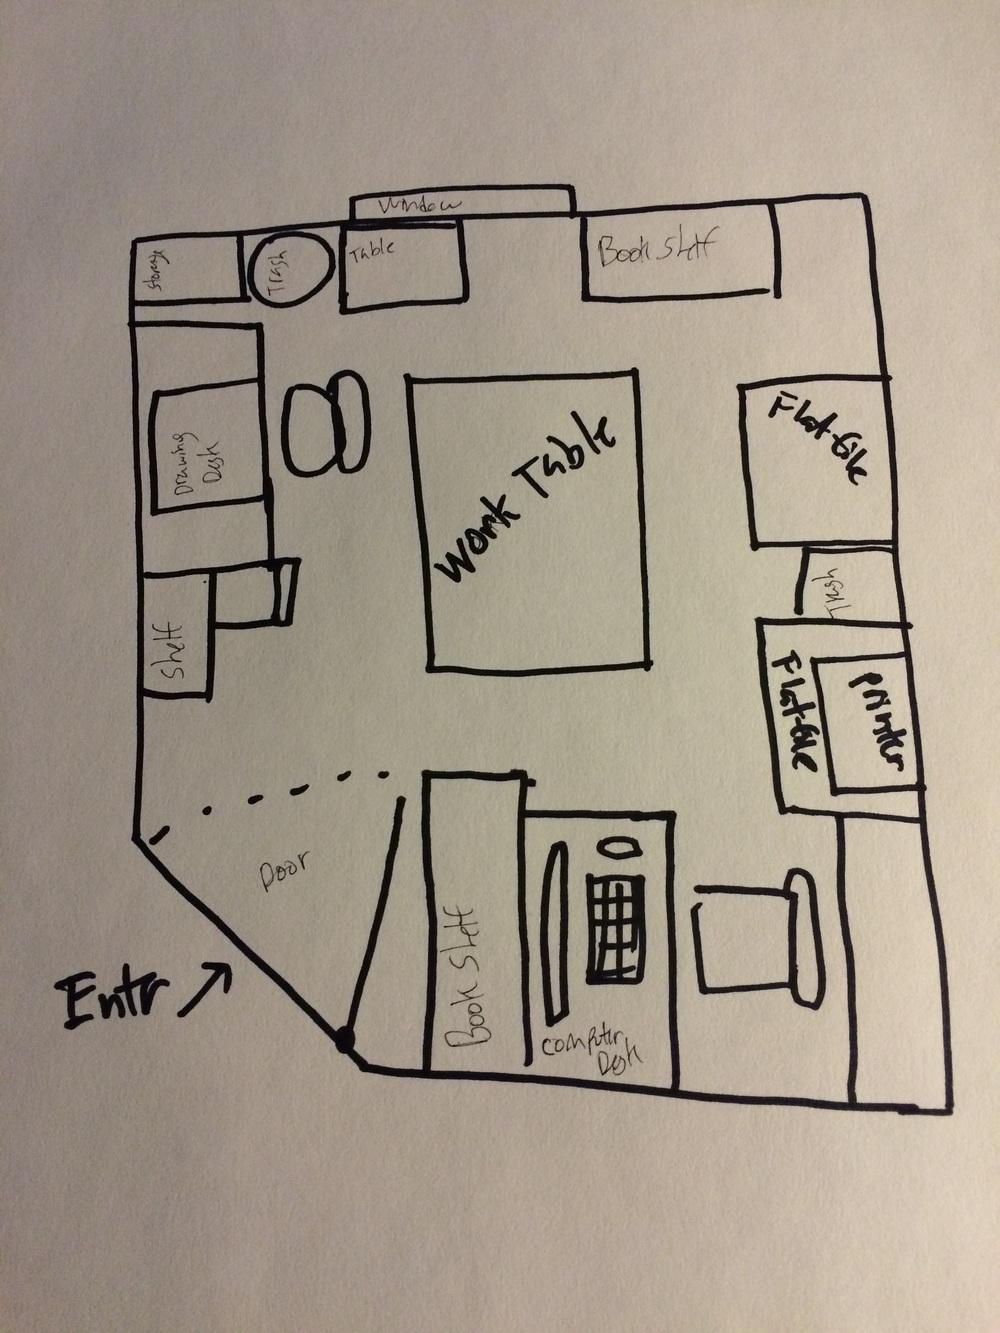 Floor plan of my studio!